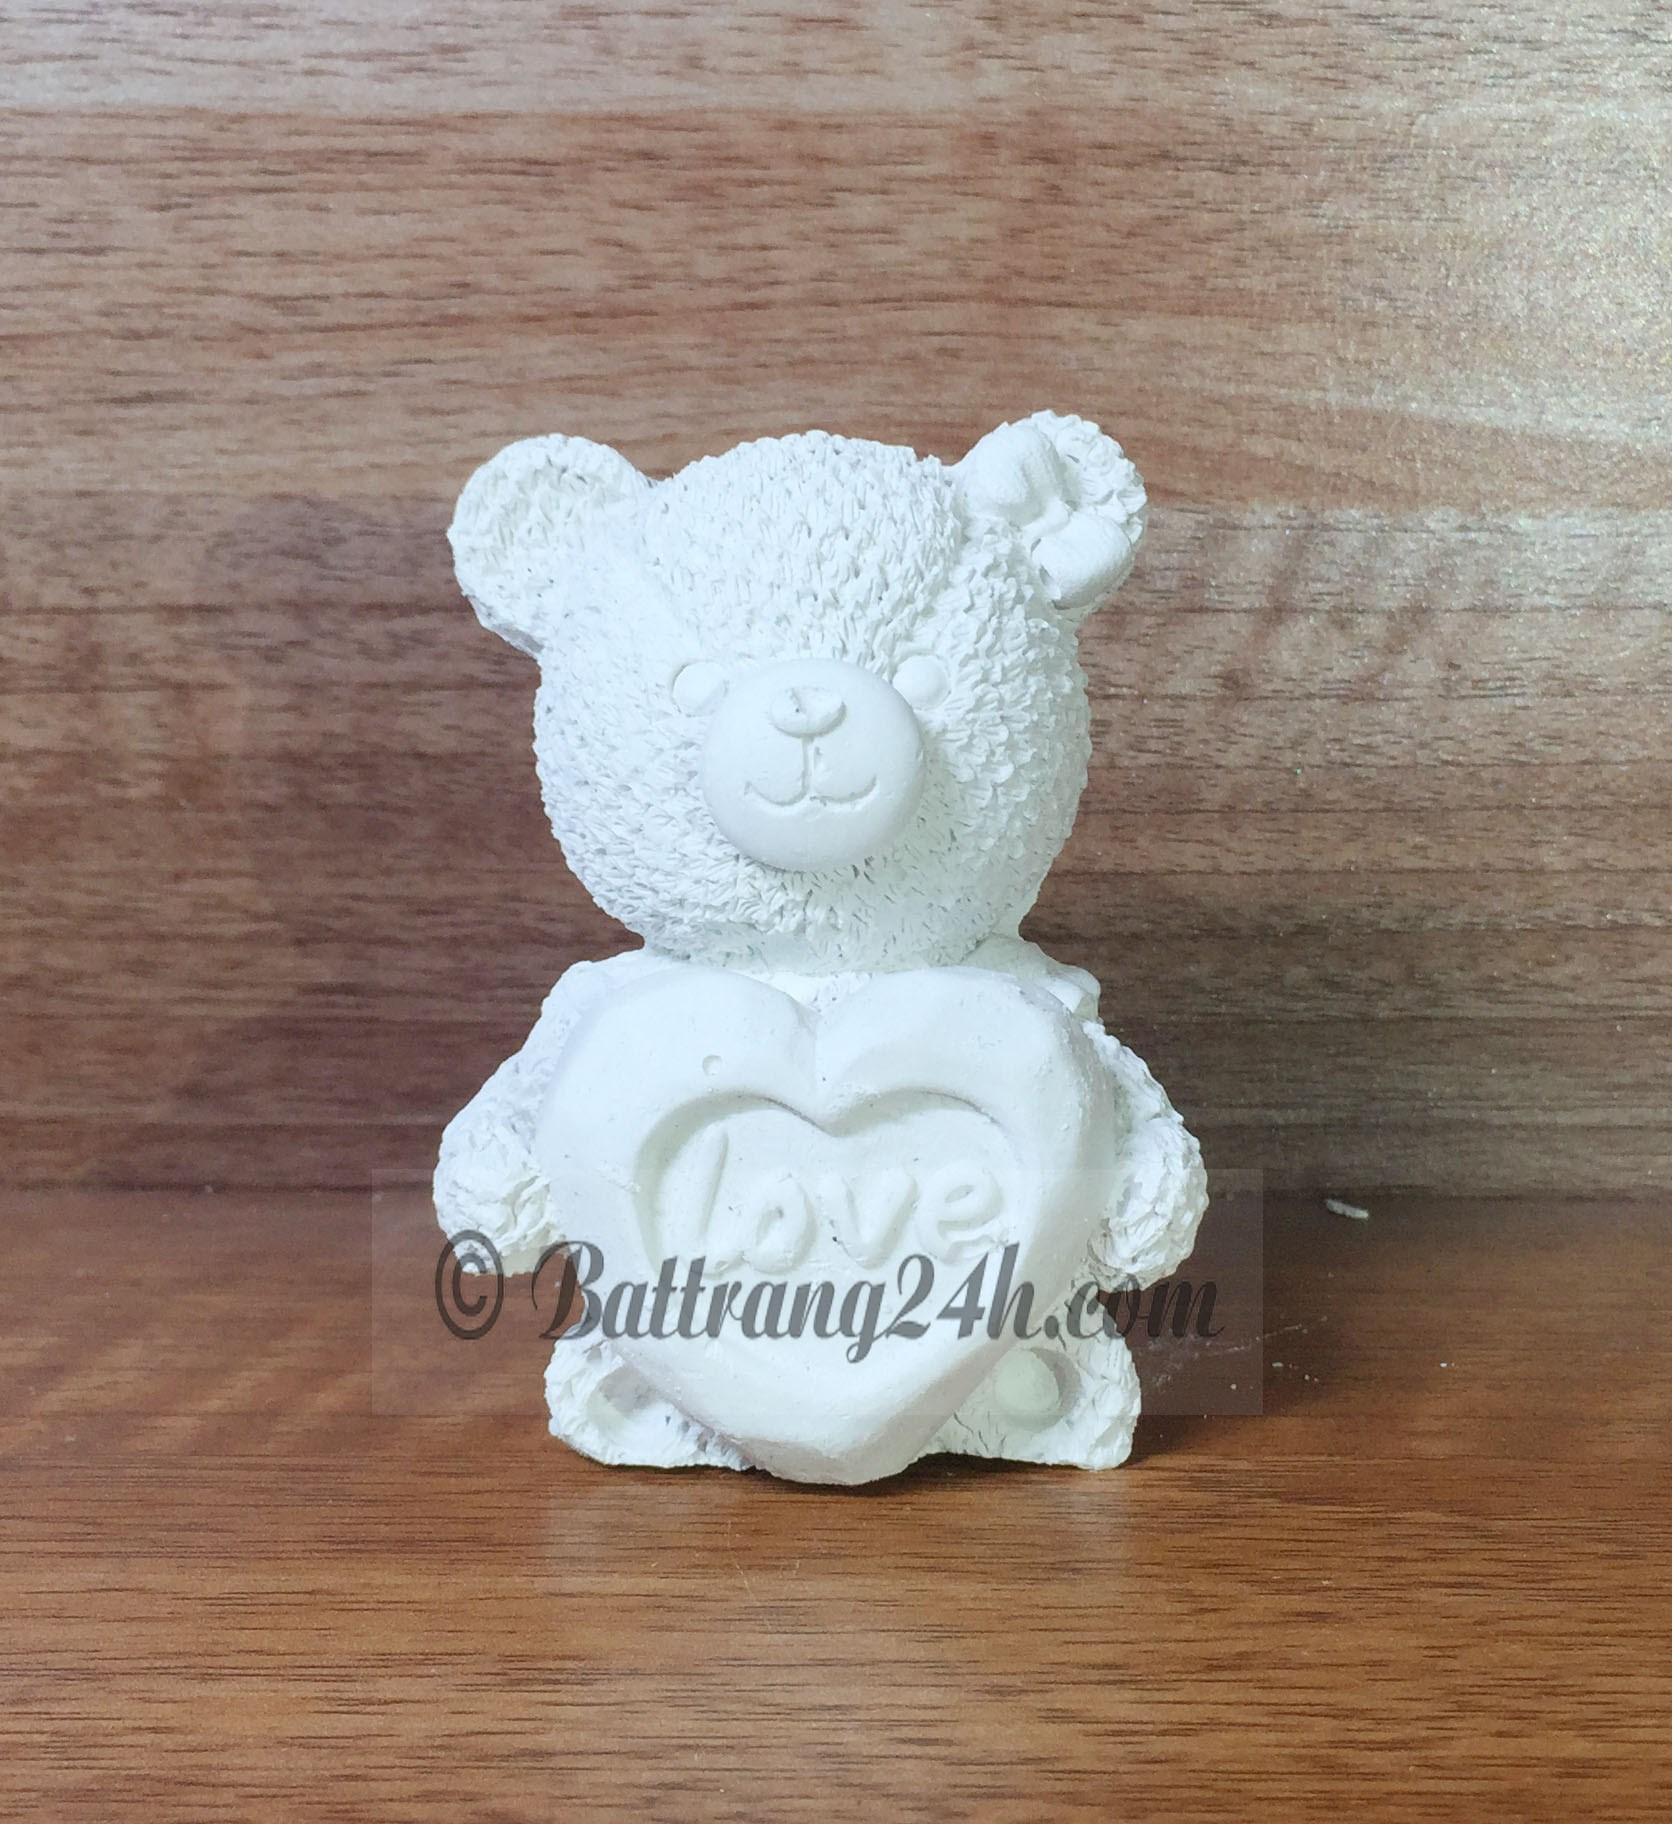 Tượng hình gấu, tượng thạch cao gốm sứ Bát Tràng giá rẻ